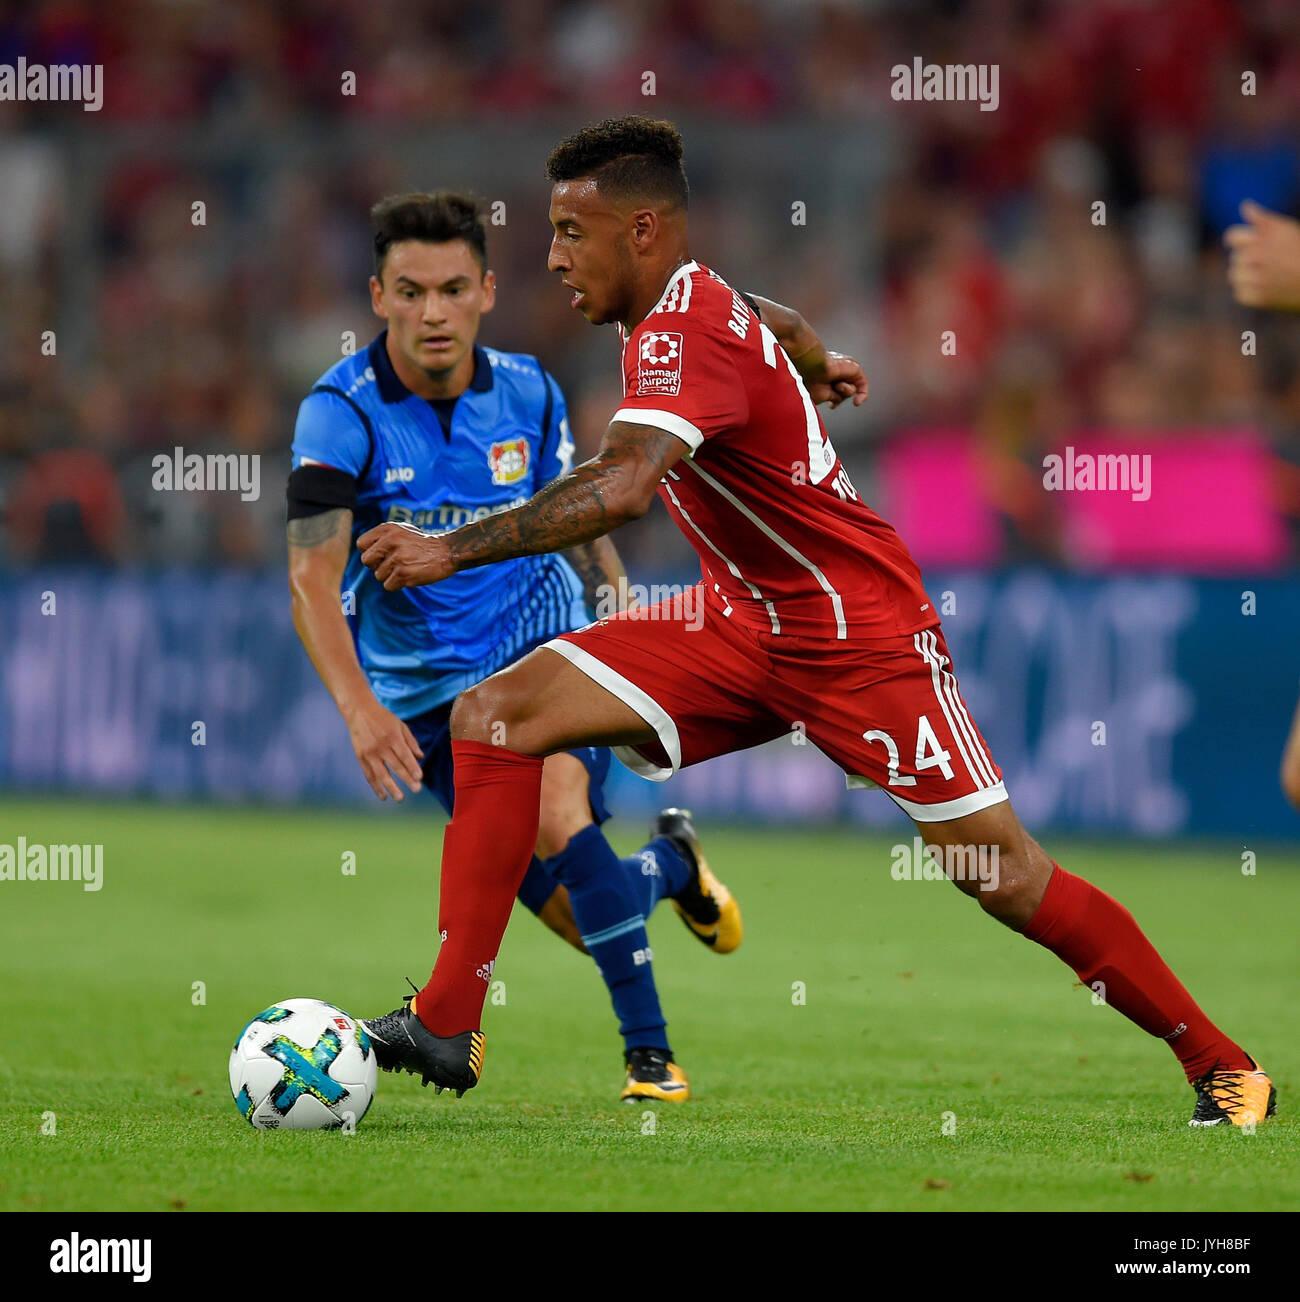 18.08.2017,  Fussball 1.Liga 2017/2018, 1.Spieltag, FC Bayern München - Bayer Leverkusen, in der Allianz-Arena München, Corentin Tolisso (FC Bayern München) am Ball. Photo: Cronos/MIS - Stock Image